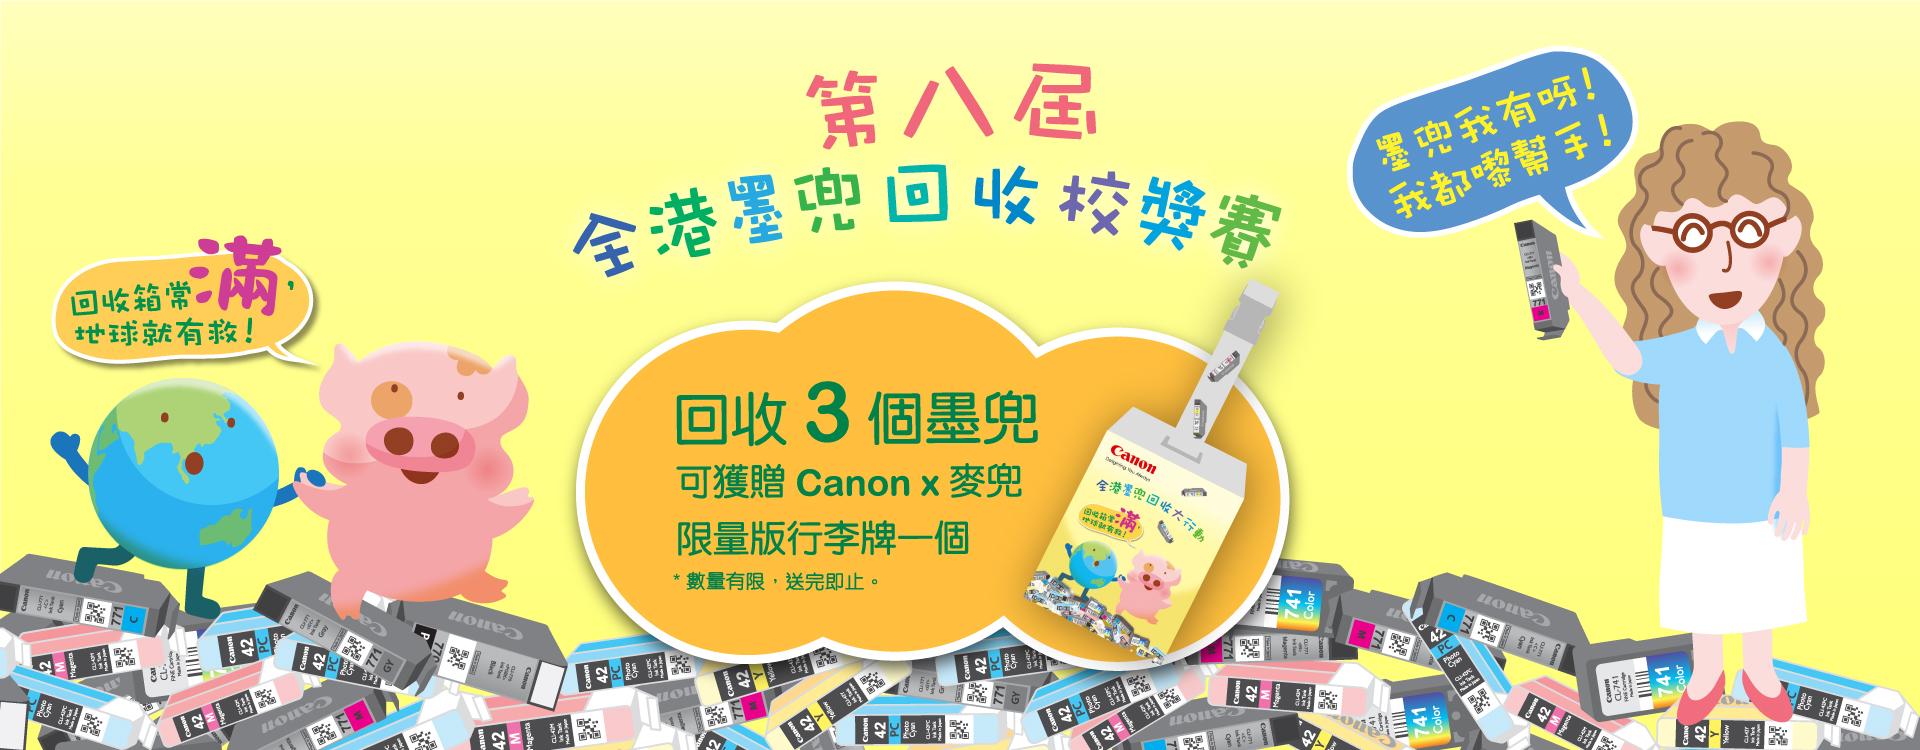 Home - Canon HongKong 2d120a7a71